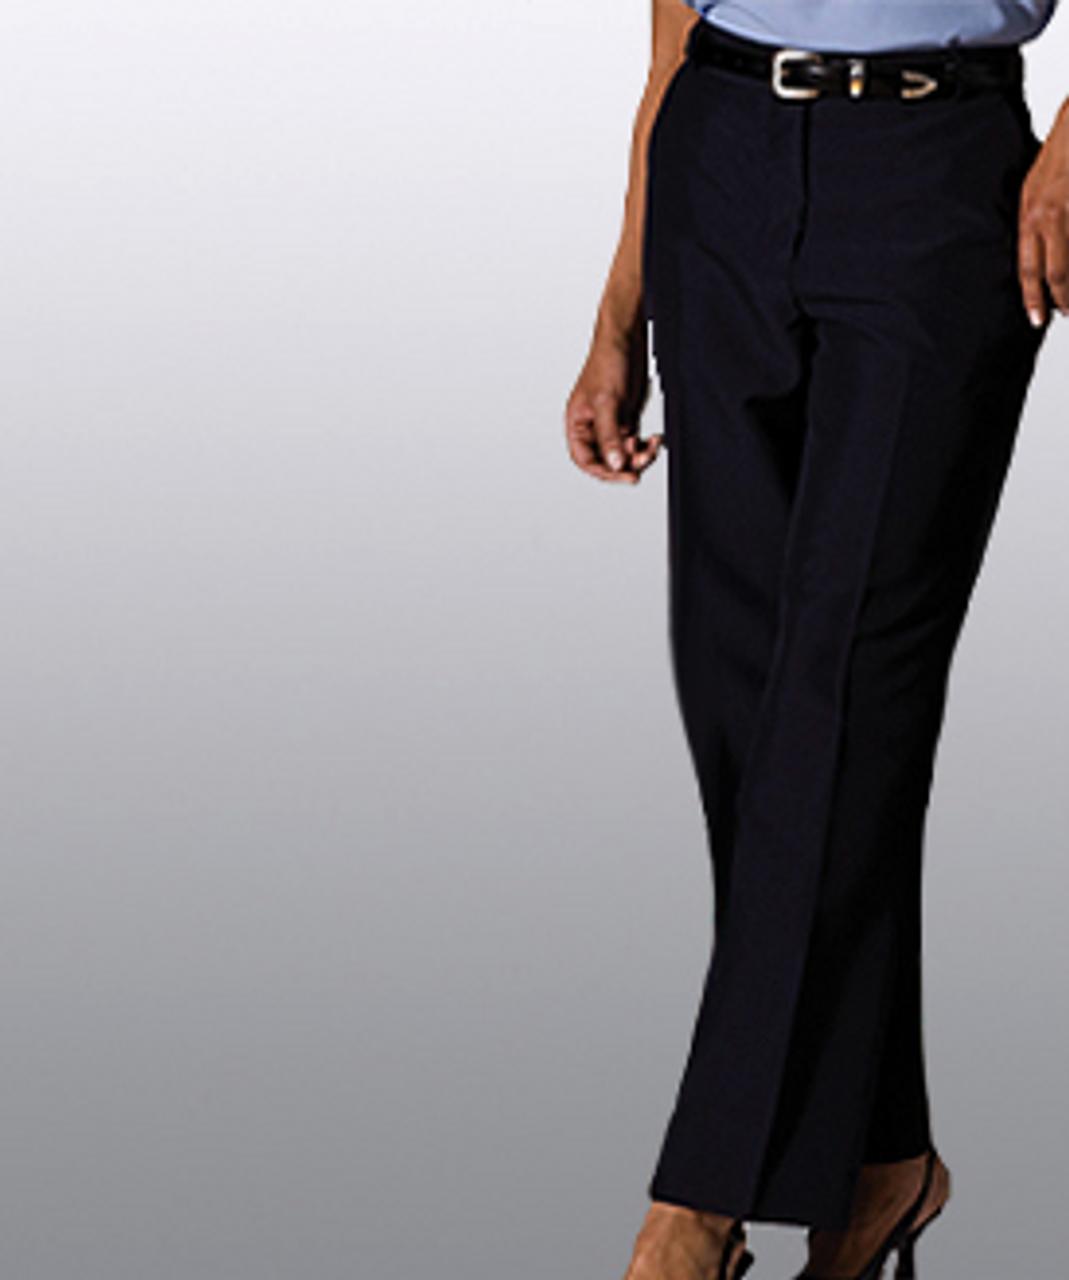 Women's flat front uniform pants